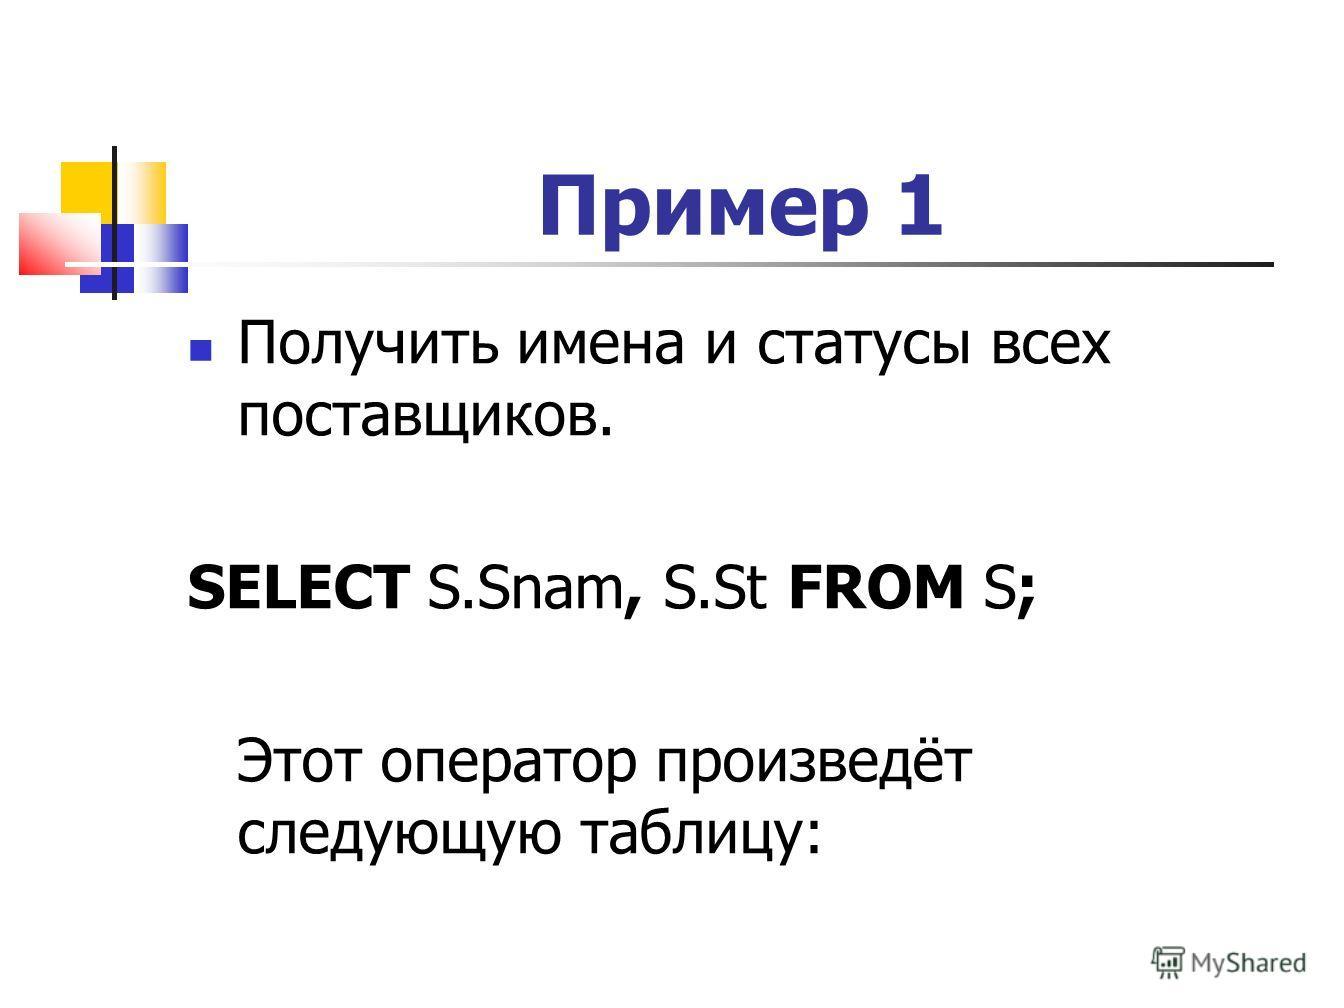 Пример 1 Получить имена и статусы всех поставщиков. SELECT S.Snam, S.St FROM S; Этот оператор произведёт следующую таблицу: